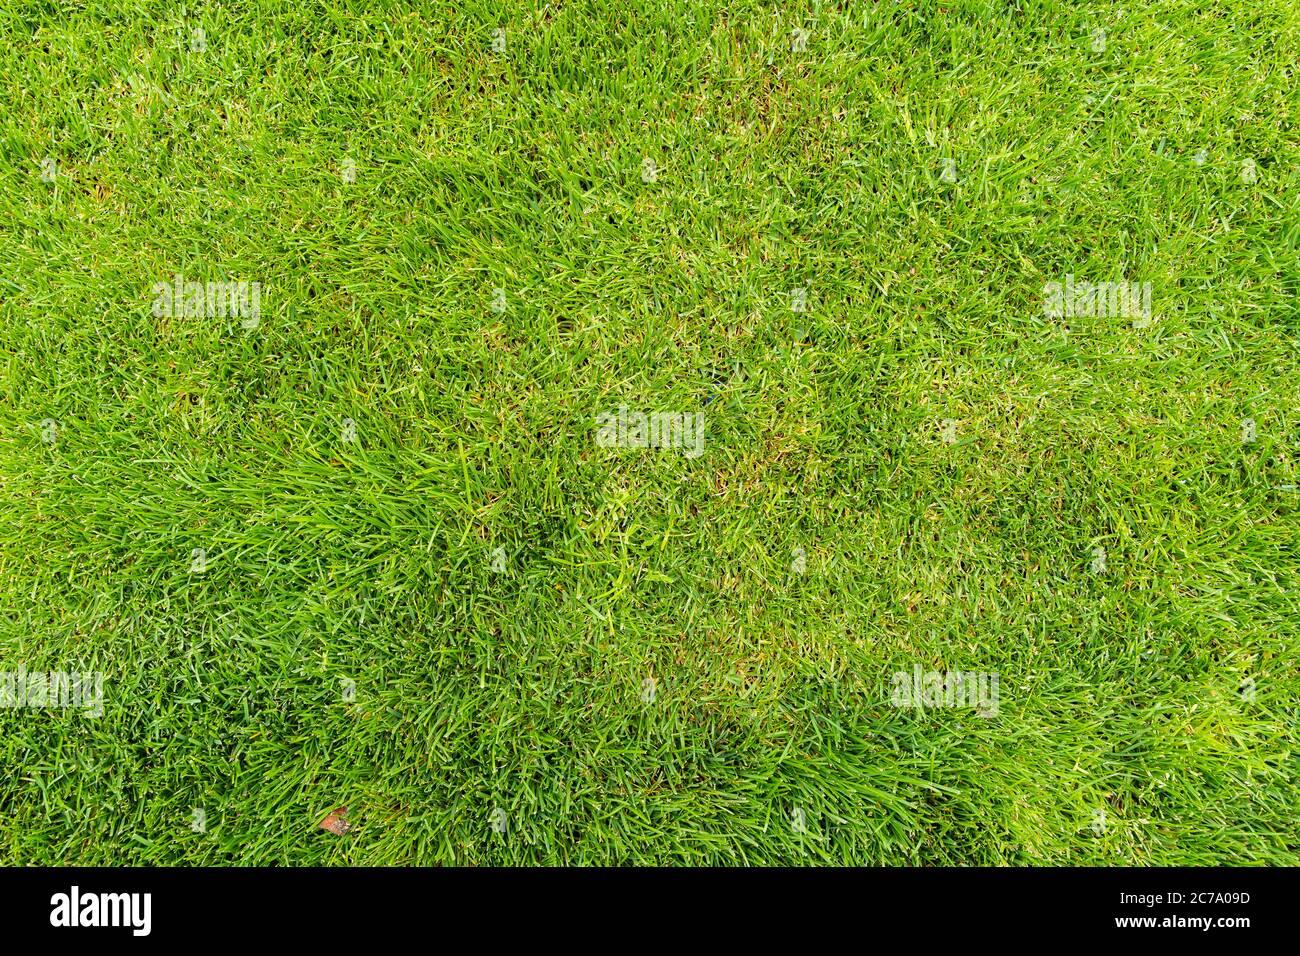 Césped para un campo de fútbol de entrenamiento, campos de golf césped patrón texturizado. Foto de stock